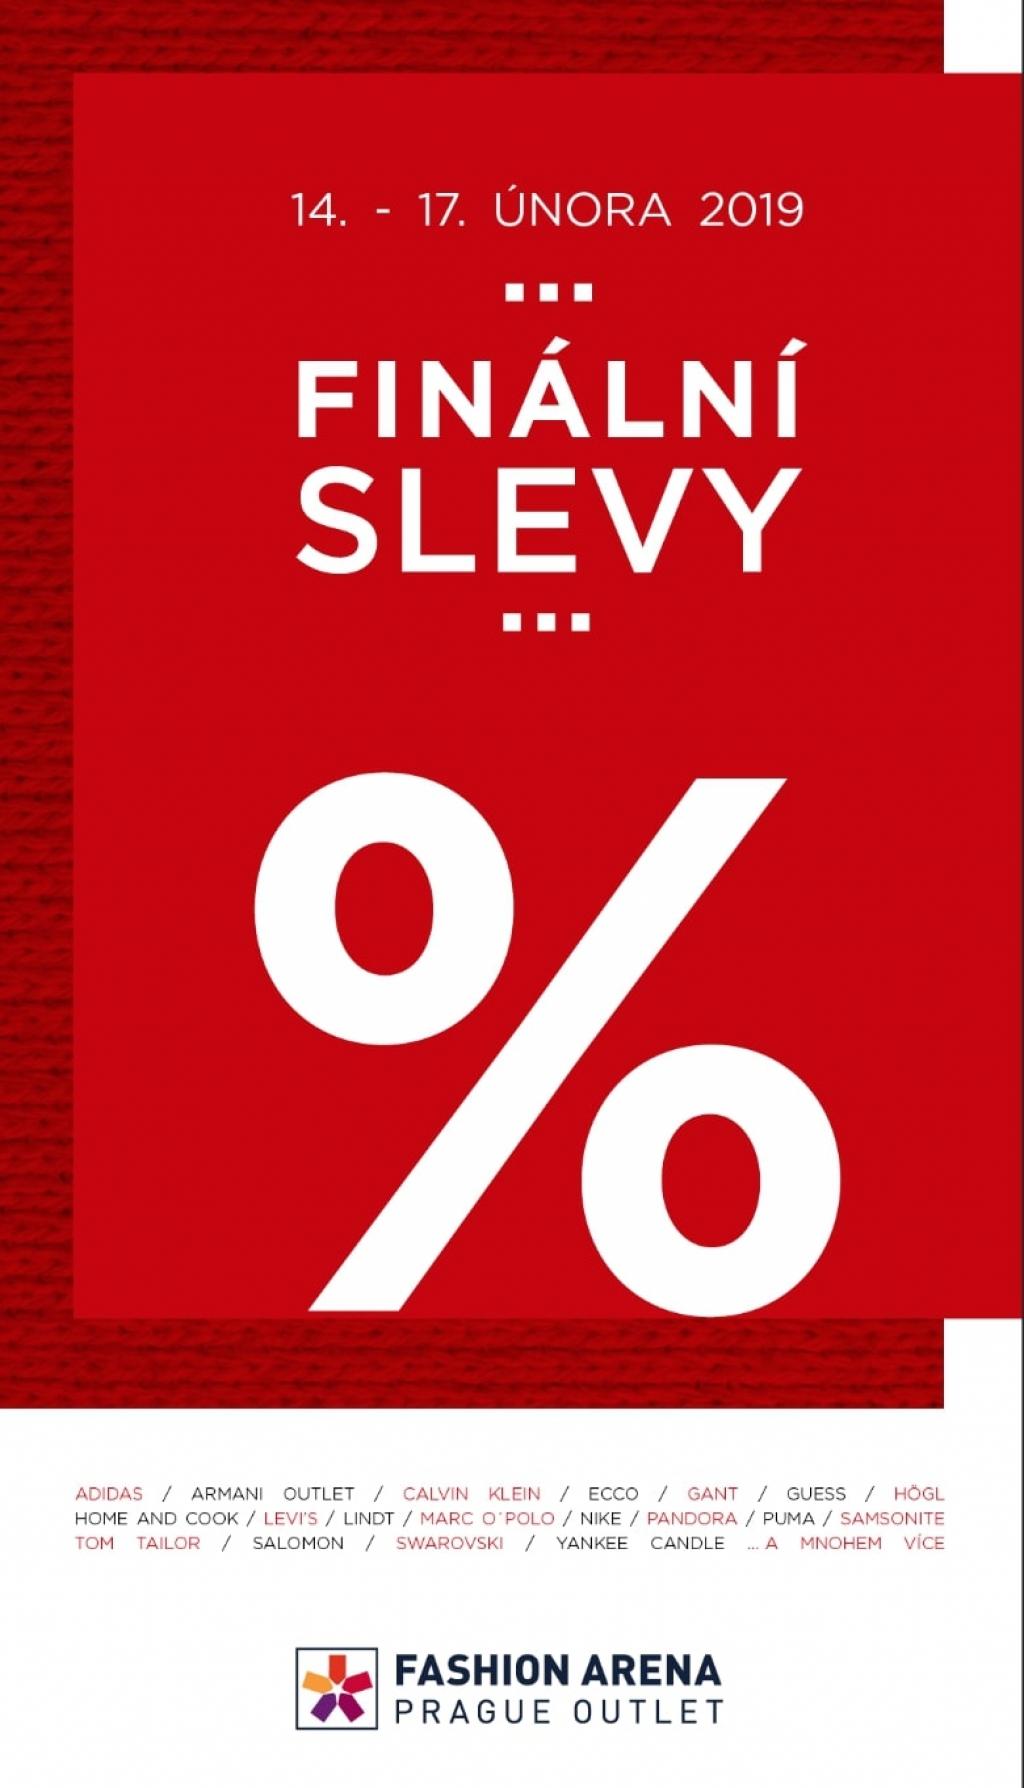 Fashion Arena Prague Outlet startuje největší zimní výprodeje